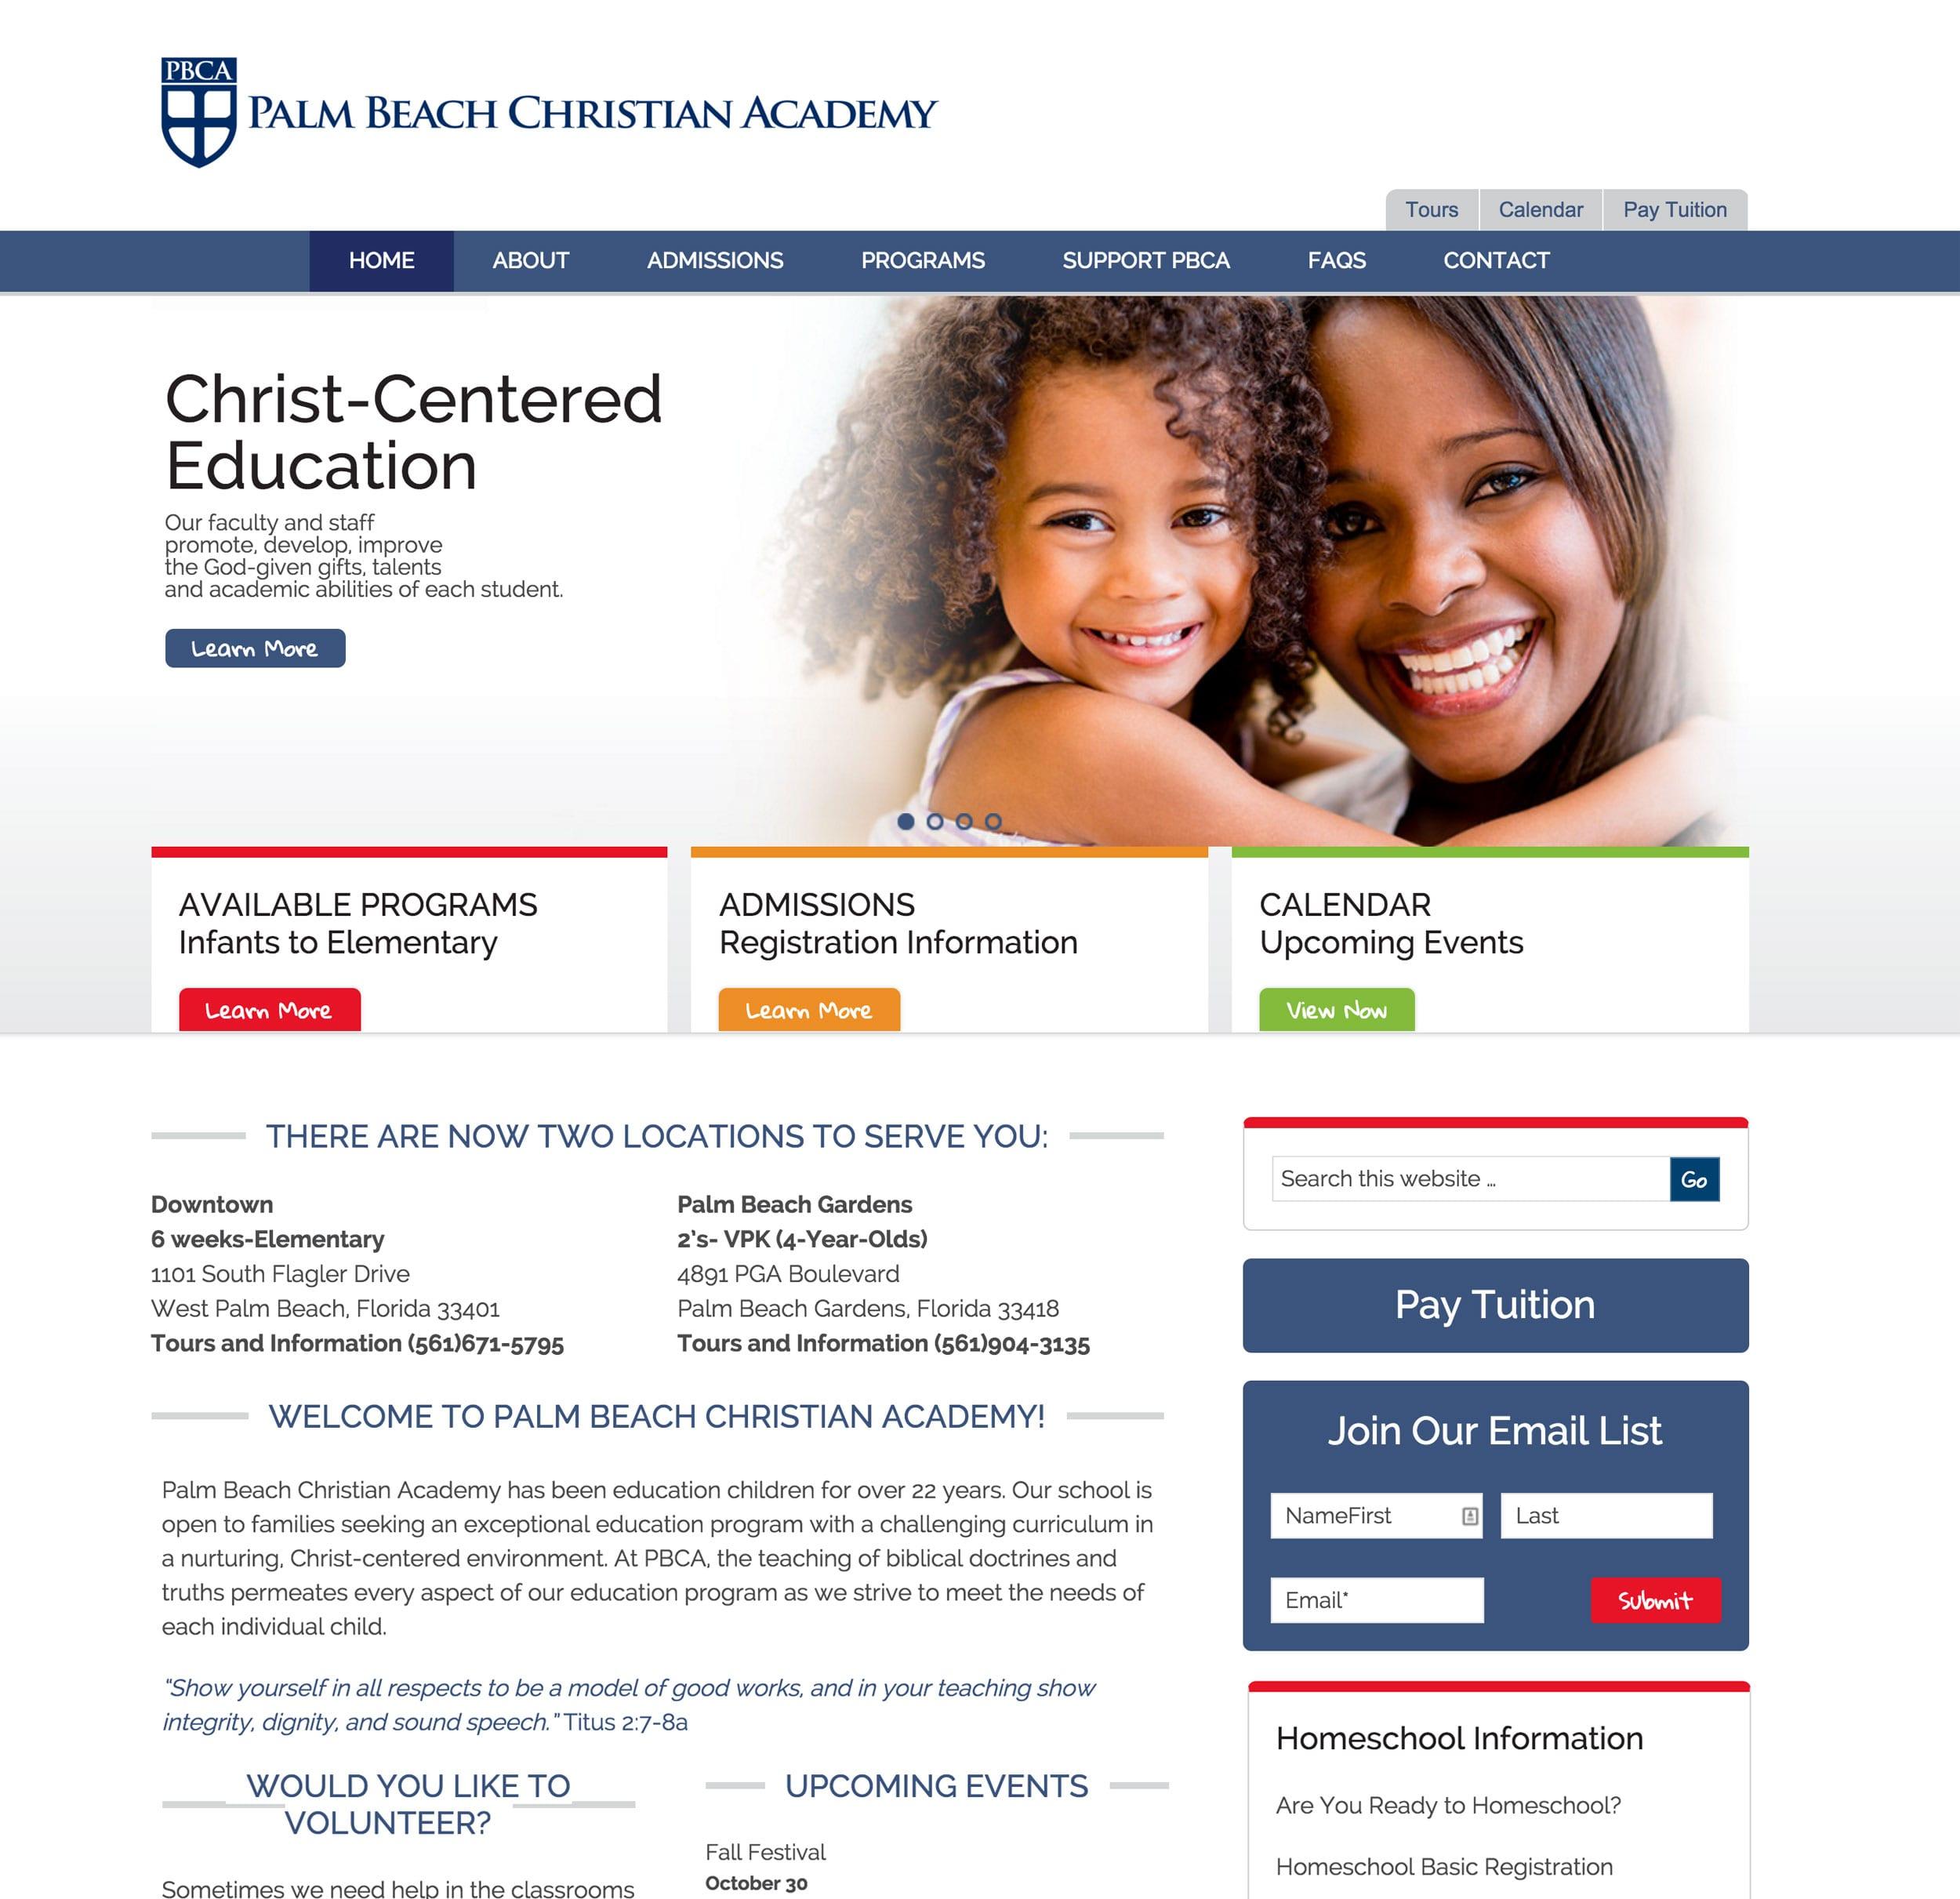 Palm Beach Christian Academy